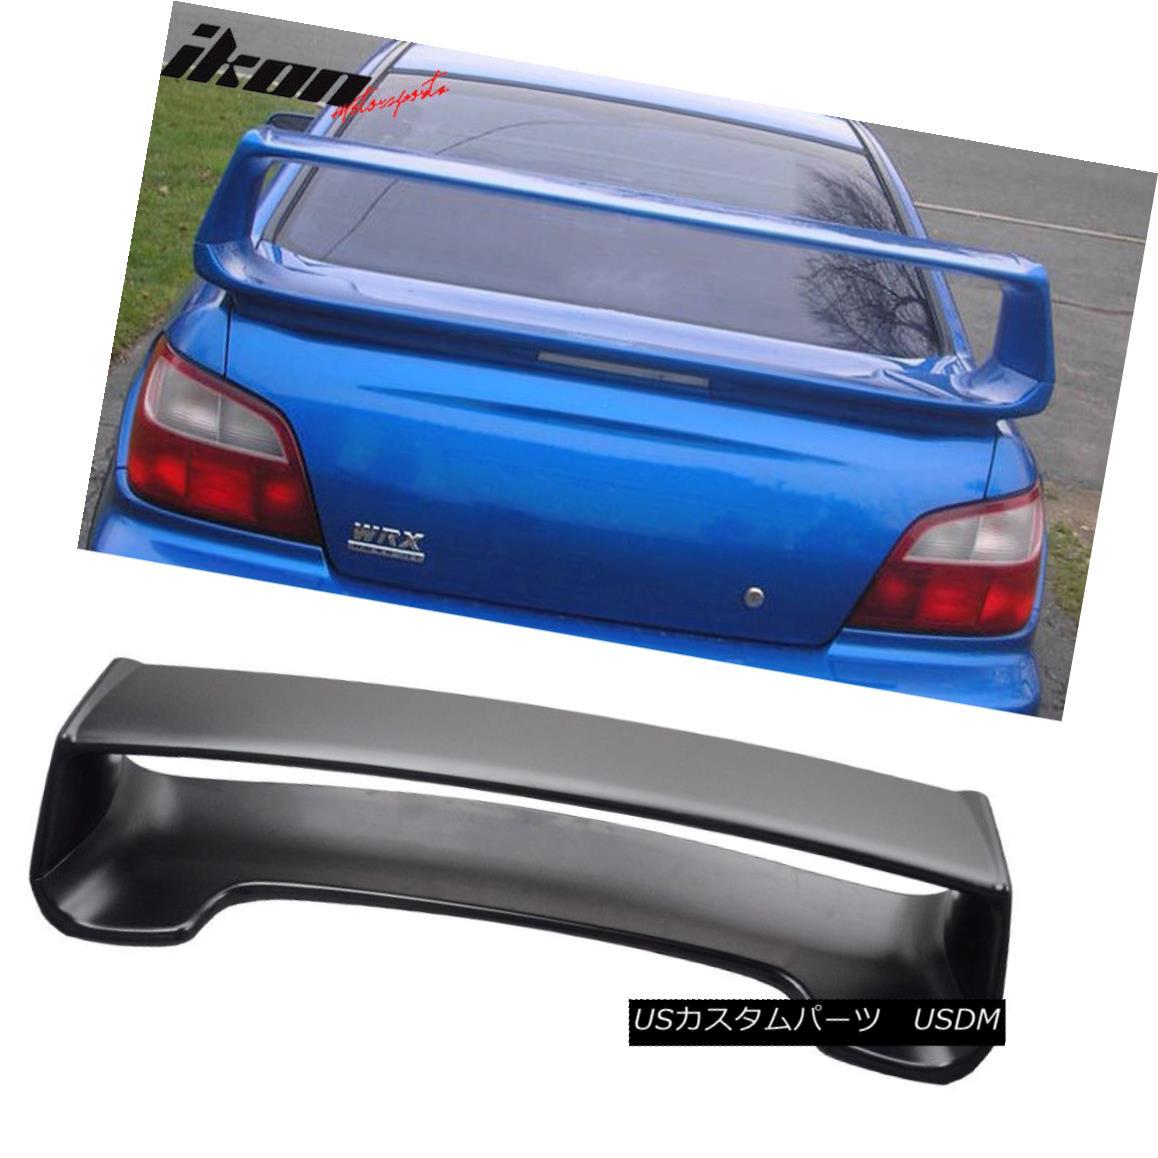 エアロパーツ Fit For 02-07 Subaru Impreza WRX Sti OE Trunk Spoiler Wing & 3RD Brake Light 02-07 Subaru Impreza WRX Sti OEトランク・スポイラー・ウィング& 3RDブレーキライト